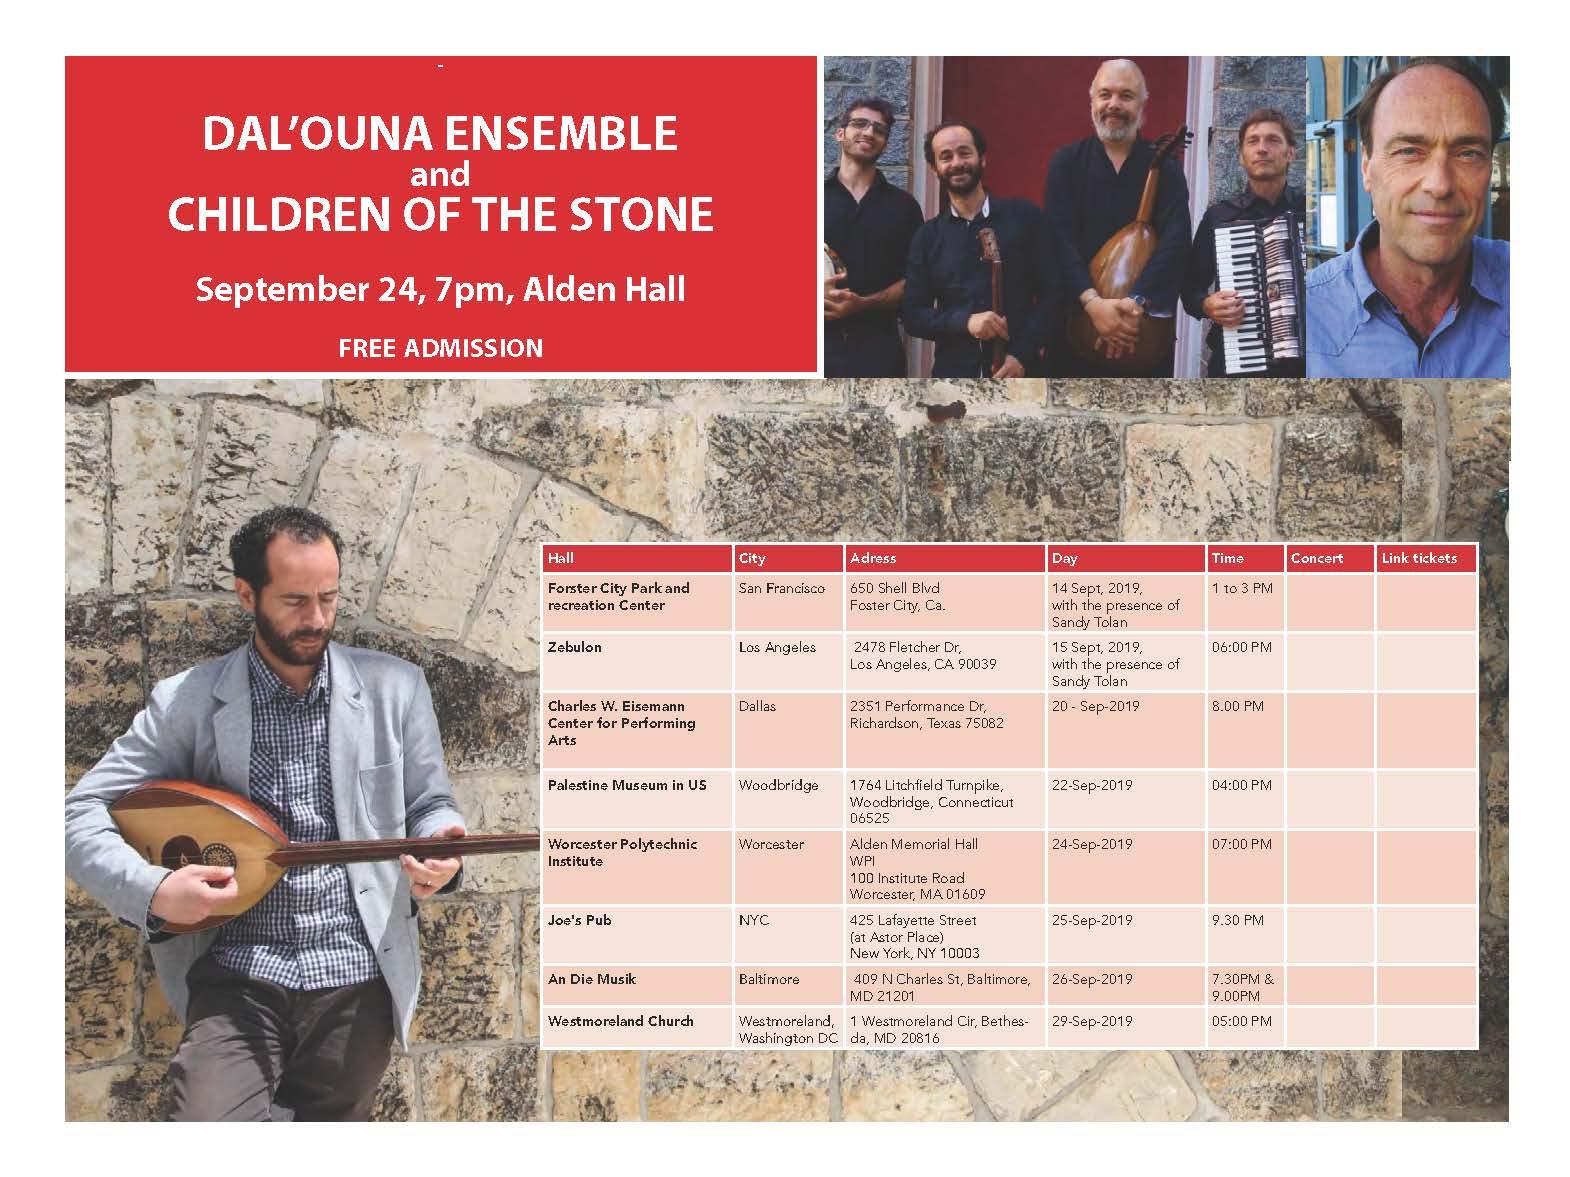 Concert in Alden Hall